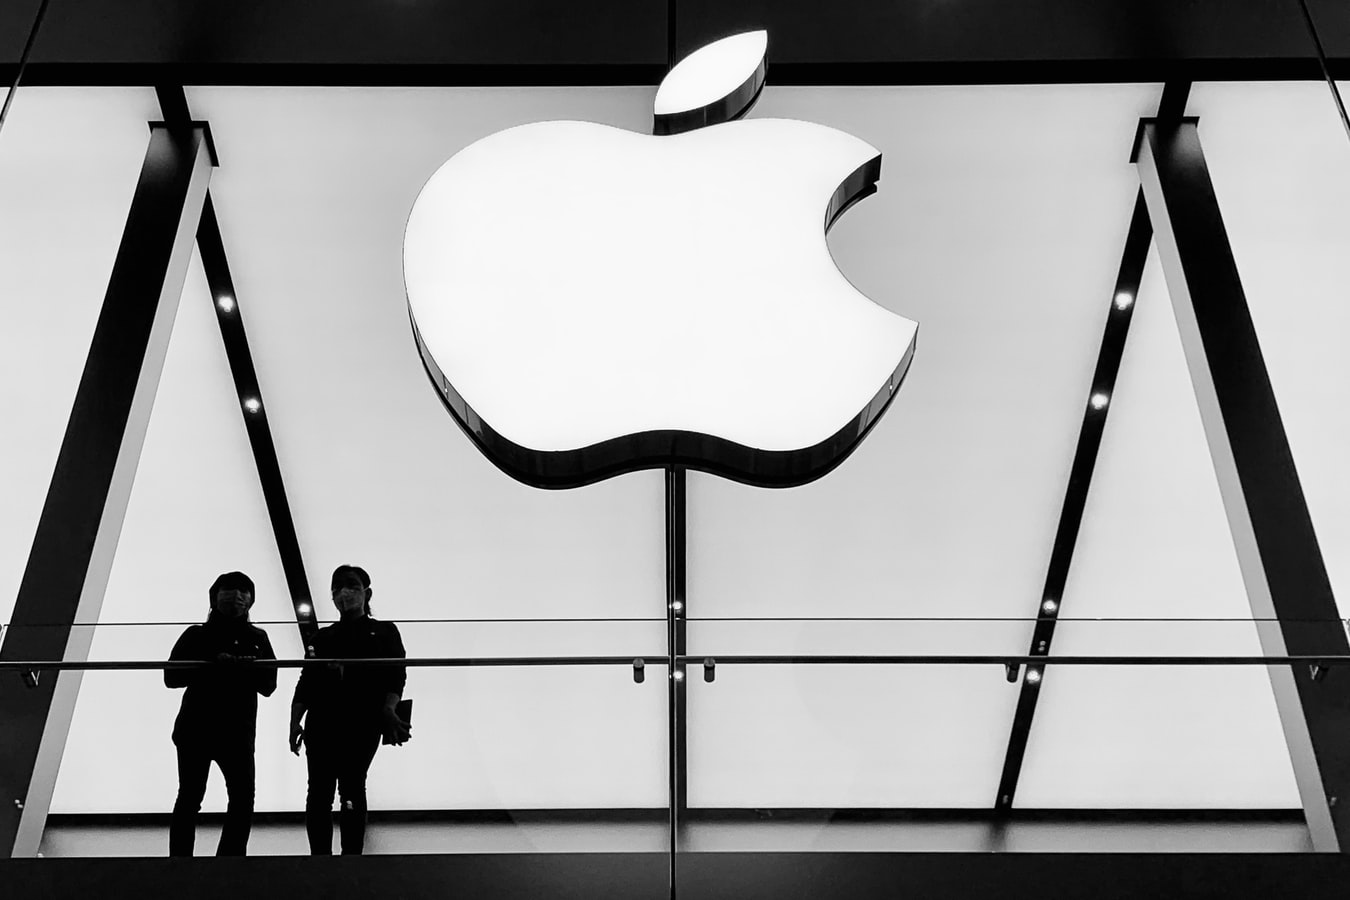 Ist es bei der aktuellen Bewertung noch sinnvoll, Apple Aktien zu kaufen? Was sind die Stärken und Schwächen des Geschäftsmodells?